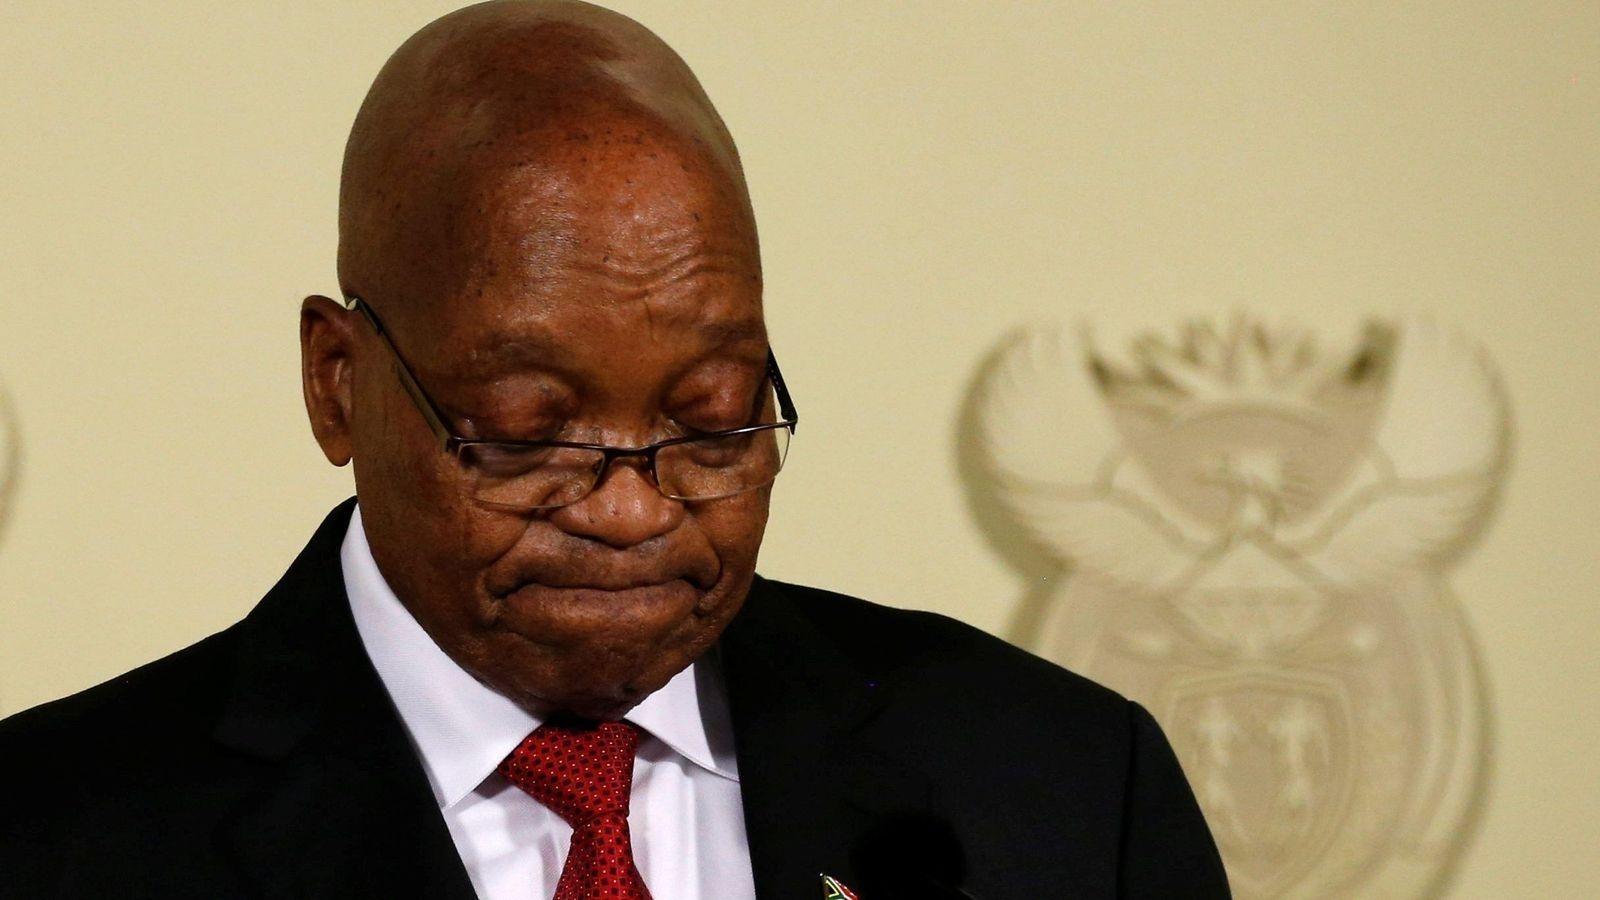 Өмнөд Африкийн ерөнхийлөгч Жэкоб Зума огцрох болсноо зарлалаа